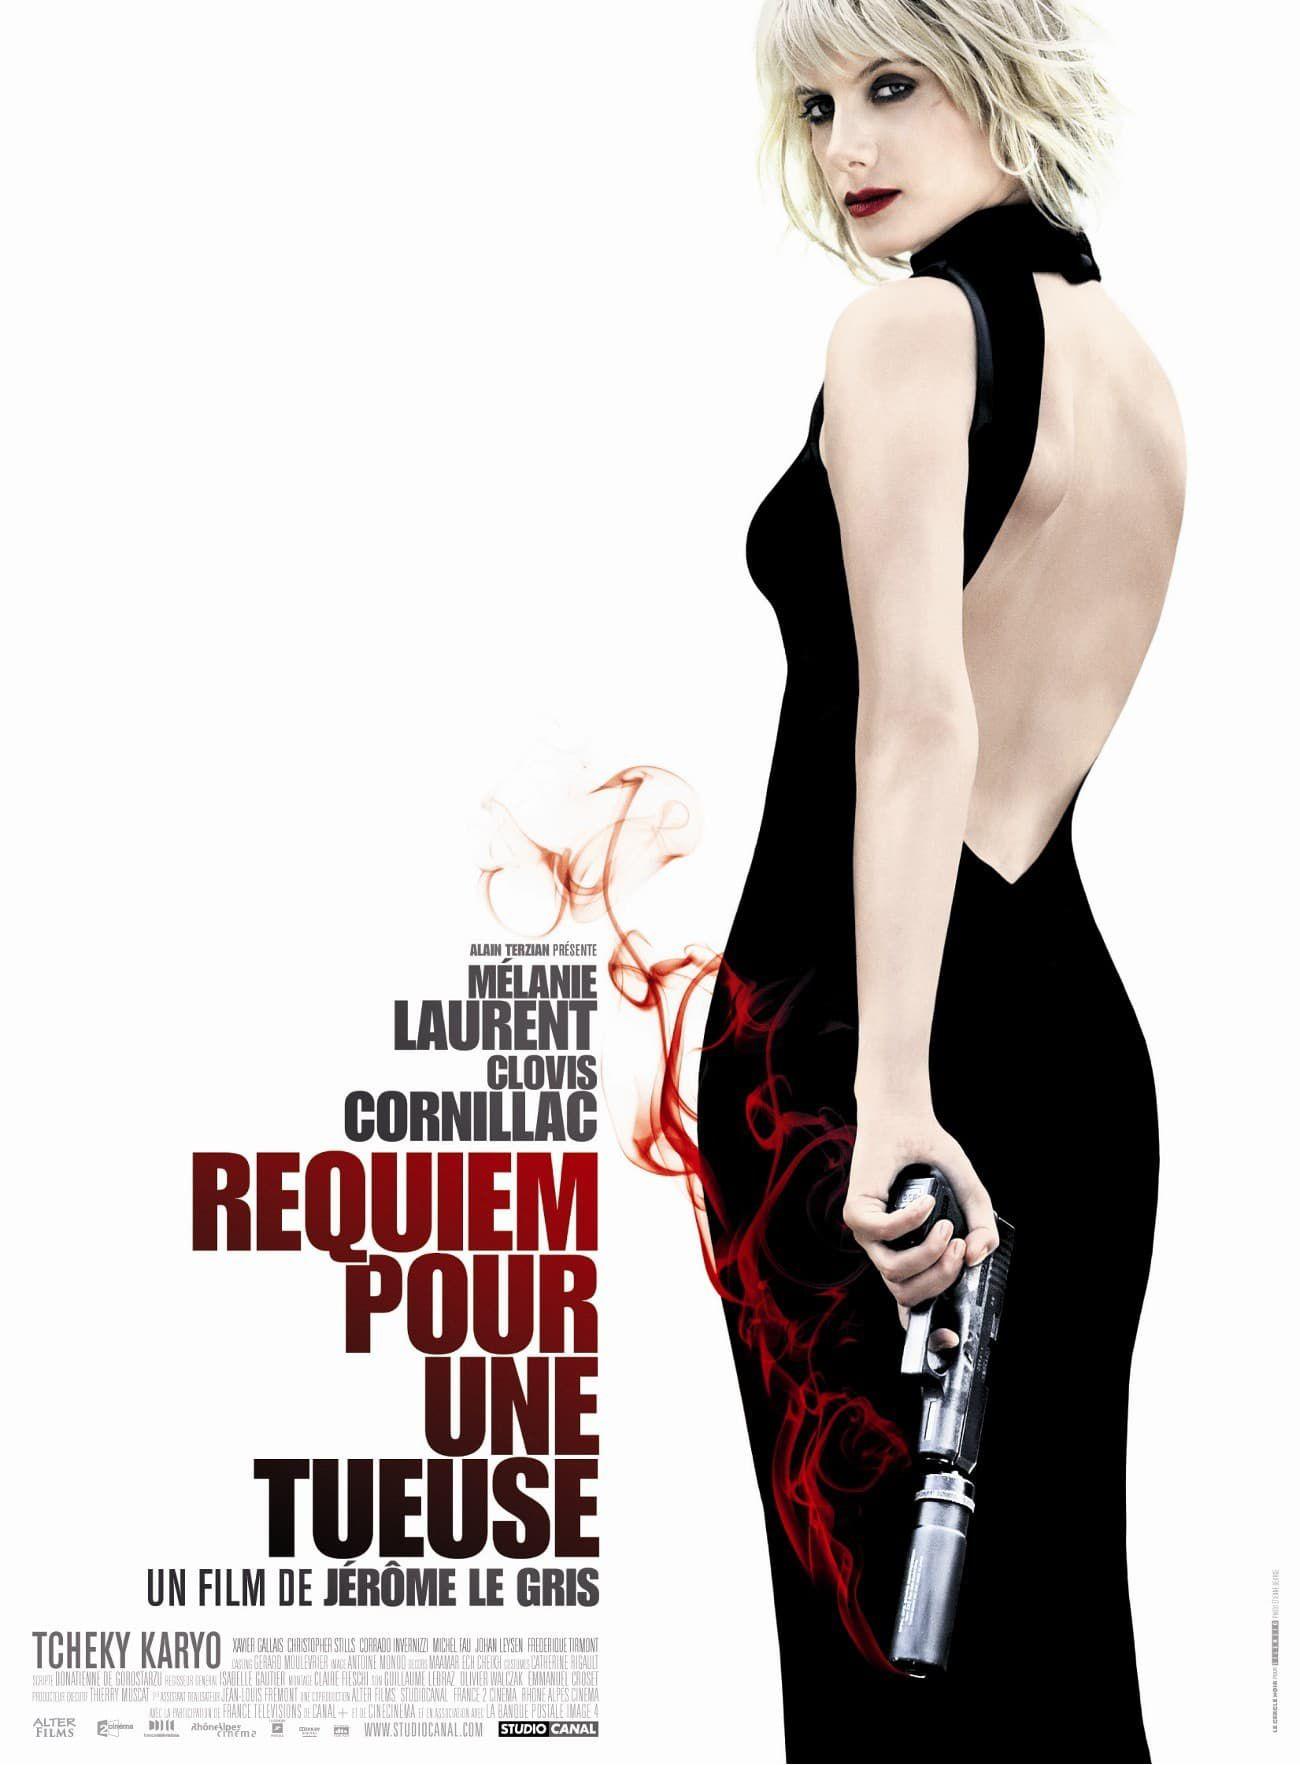 Requiem pour une tueuse - Film (2011)